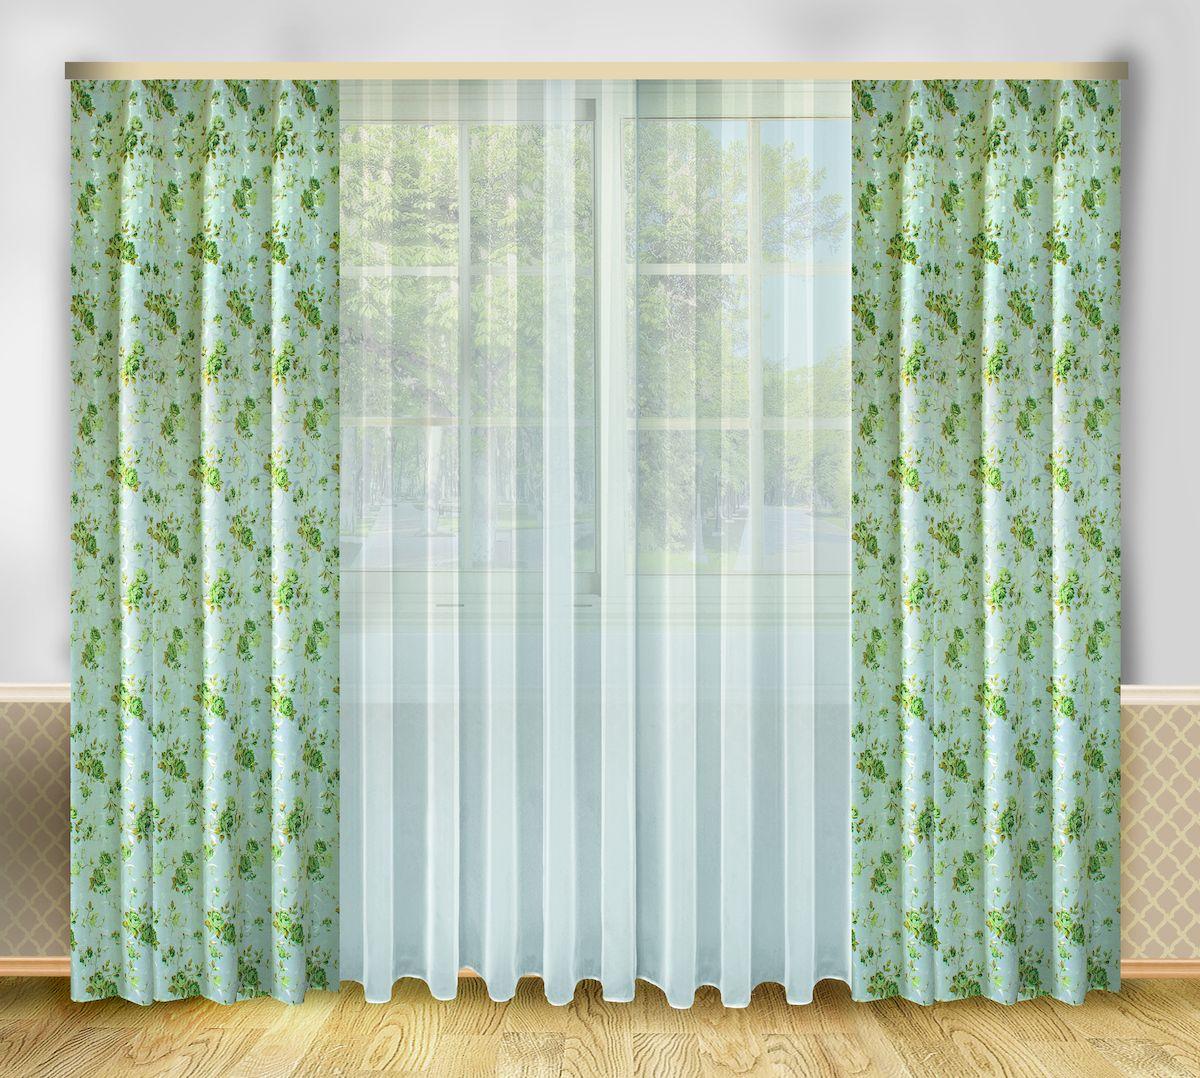 Комплект штор Zlata Korunka, на ленте, цвет: серо-зеленый, высота 250 см. 66658CLP446Роскошный комплект штор Zlata Korunka, выполненный из полиэстера, великолепно украсит любое окно. Комплект состоит из тюля и двух штор. Цветочный рисунок и приятная цветовая гамма привлекут к себе внимание и органично впишутся в интерьер помещения. Этот комплект будет долгое время радовать вас и вашу семью!Комплект крепится на карниз при помощи ленты, которая поможет красиво и равномерно задрапировать верх.В комплект входит: Тюль: 1 шт. Размер (Ш х В): 290 см х 250 см. Штора: 2 шт. Размер (Ш х В): 138 см х 250 см.